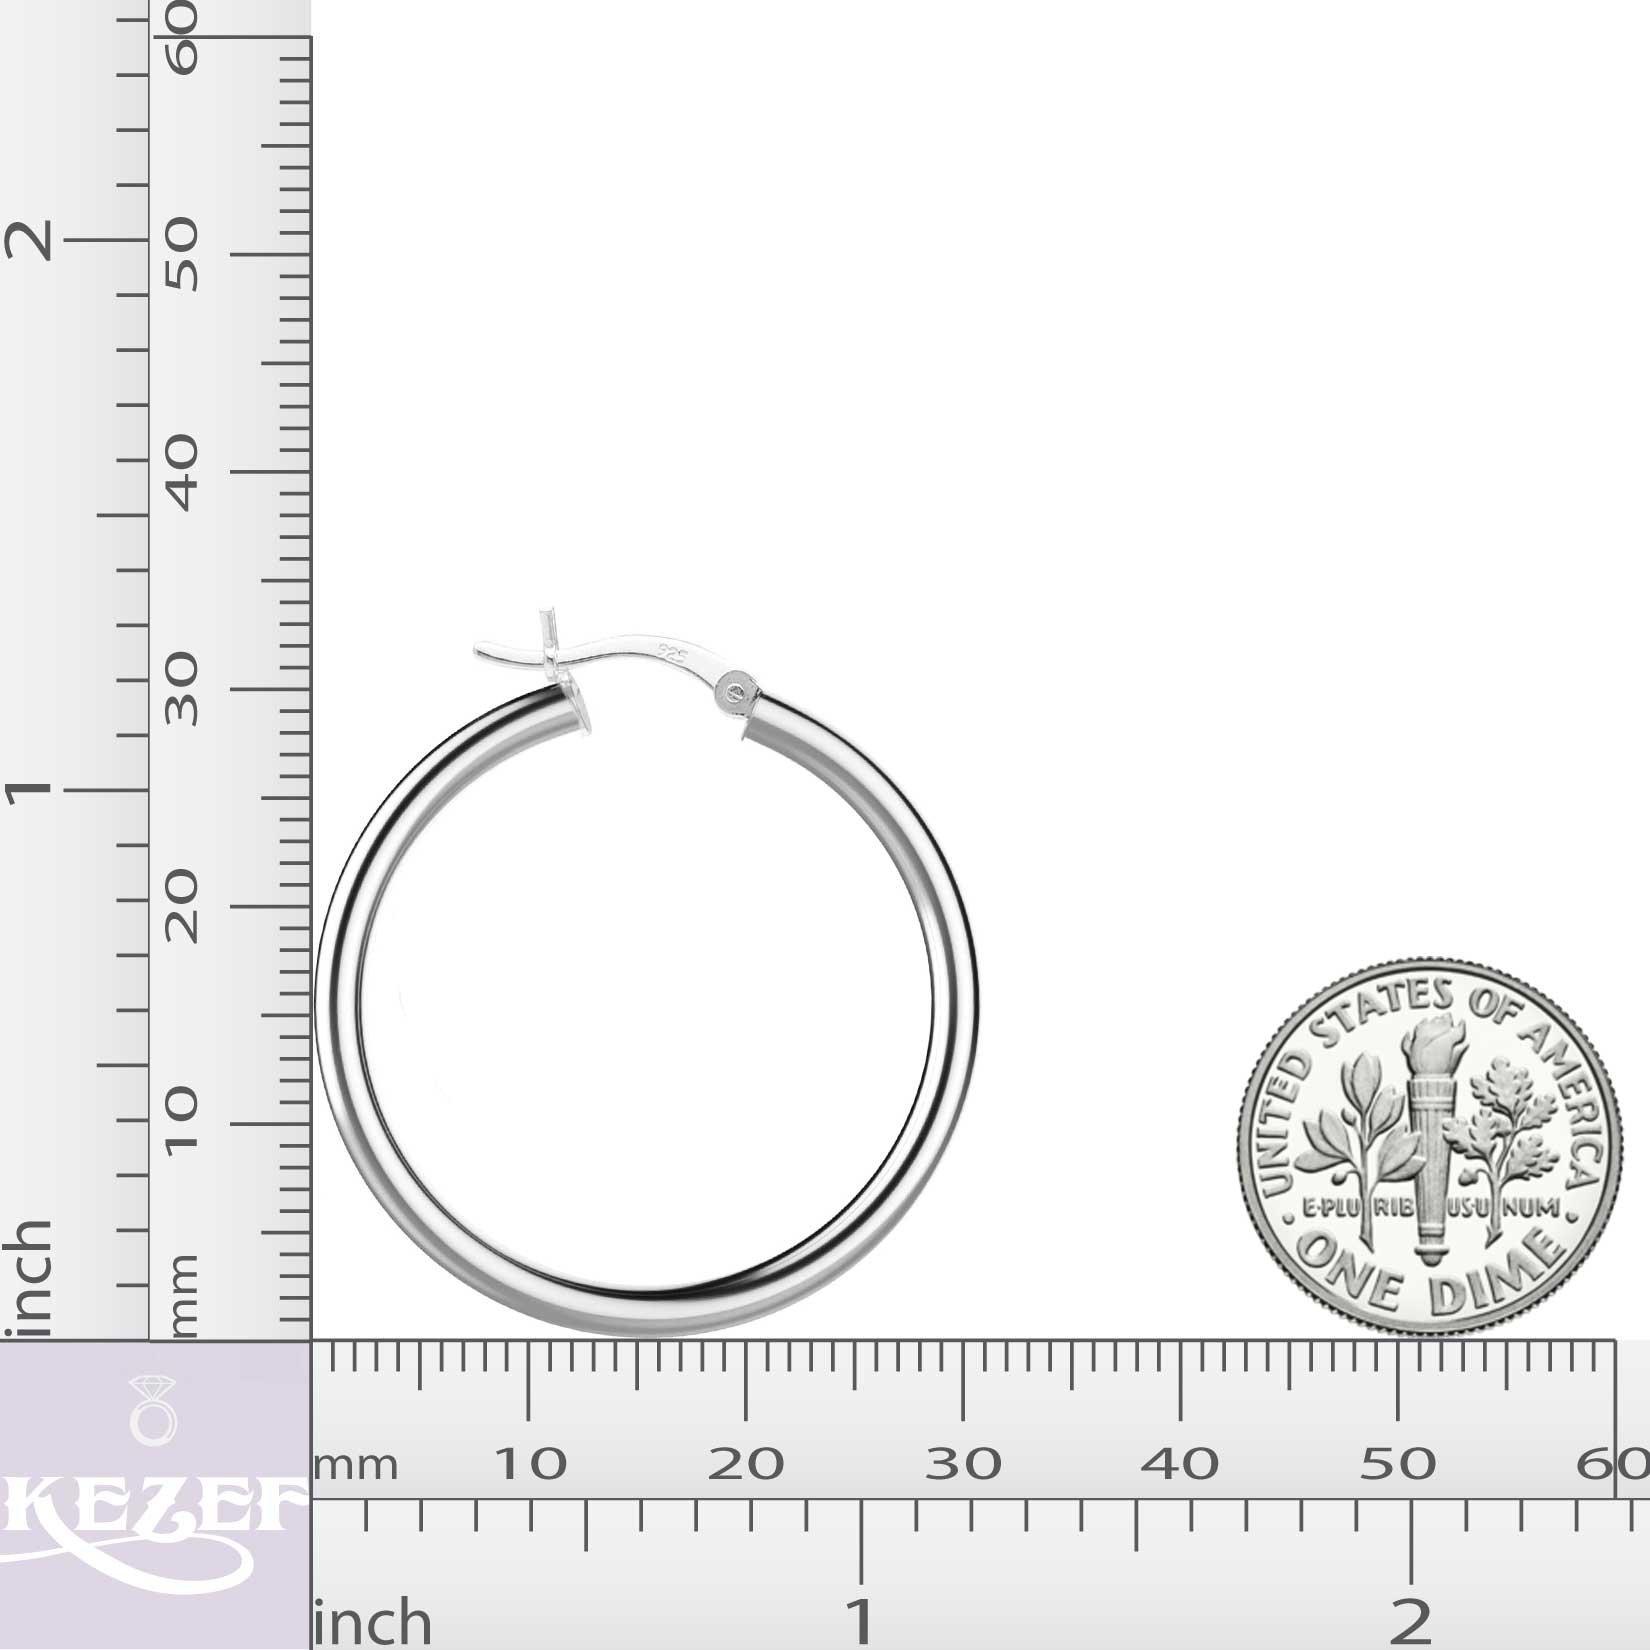 Sterling Silver Hoop Earrings - 3mm x 30mm Click-Top Tube Hoop by KEZEF Creations (Image #3)